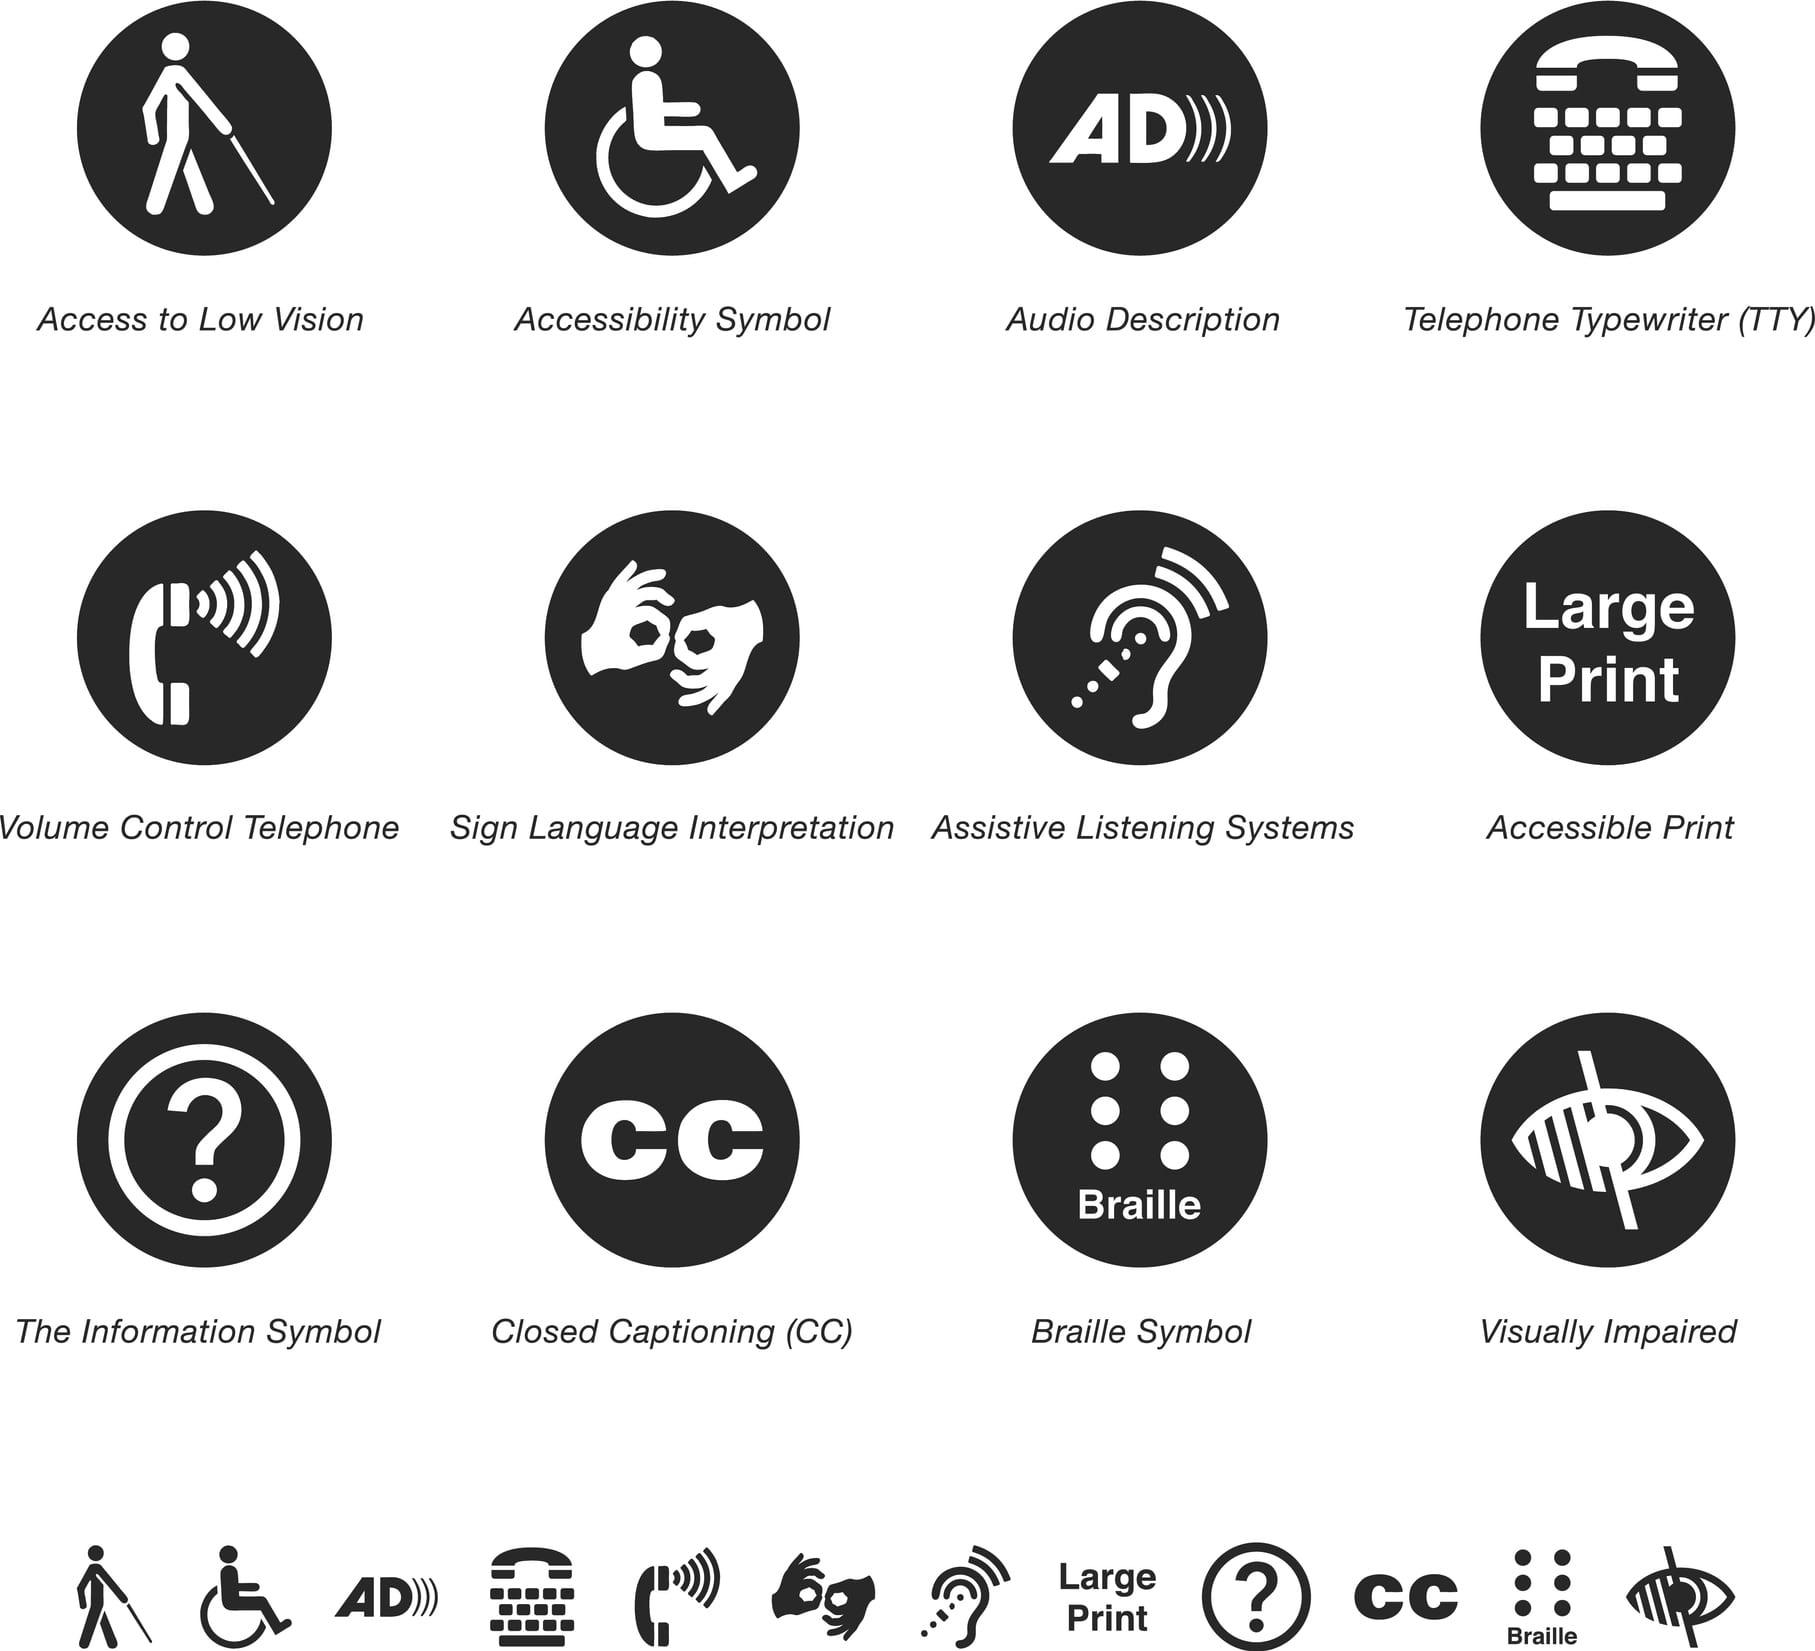 AODA symbols